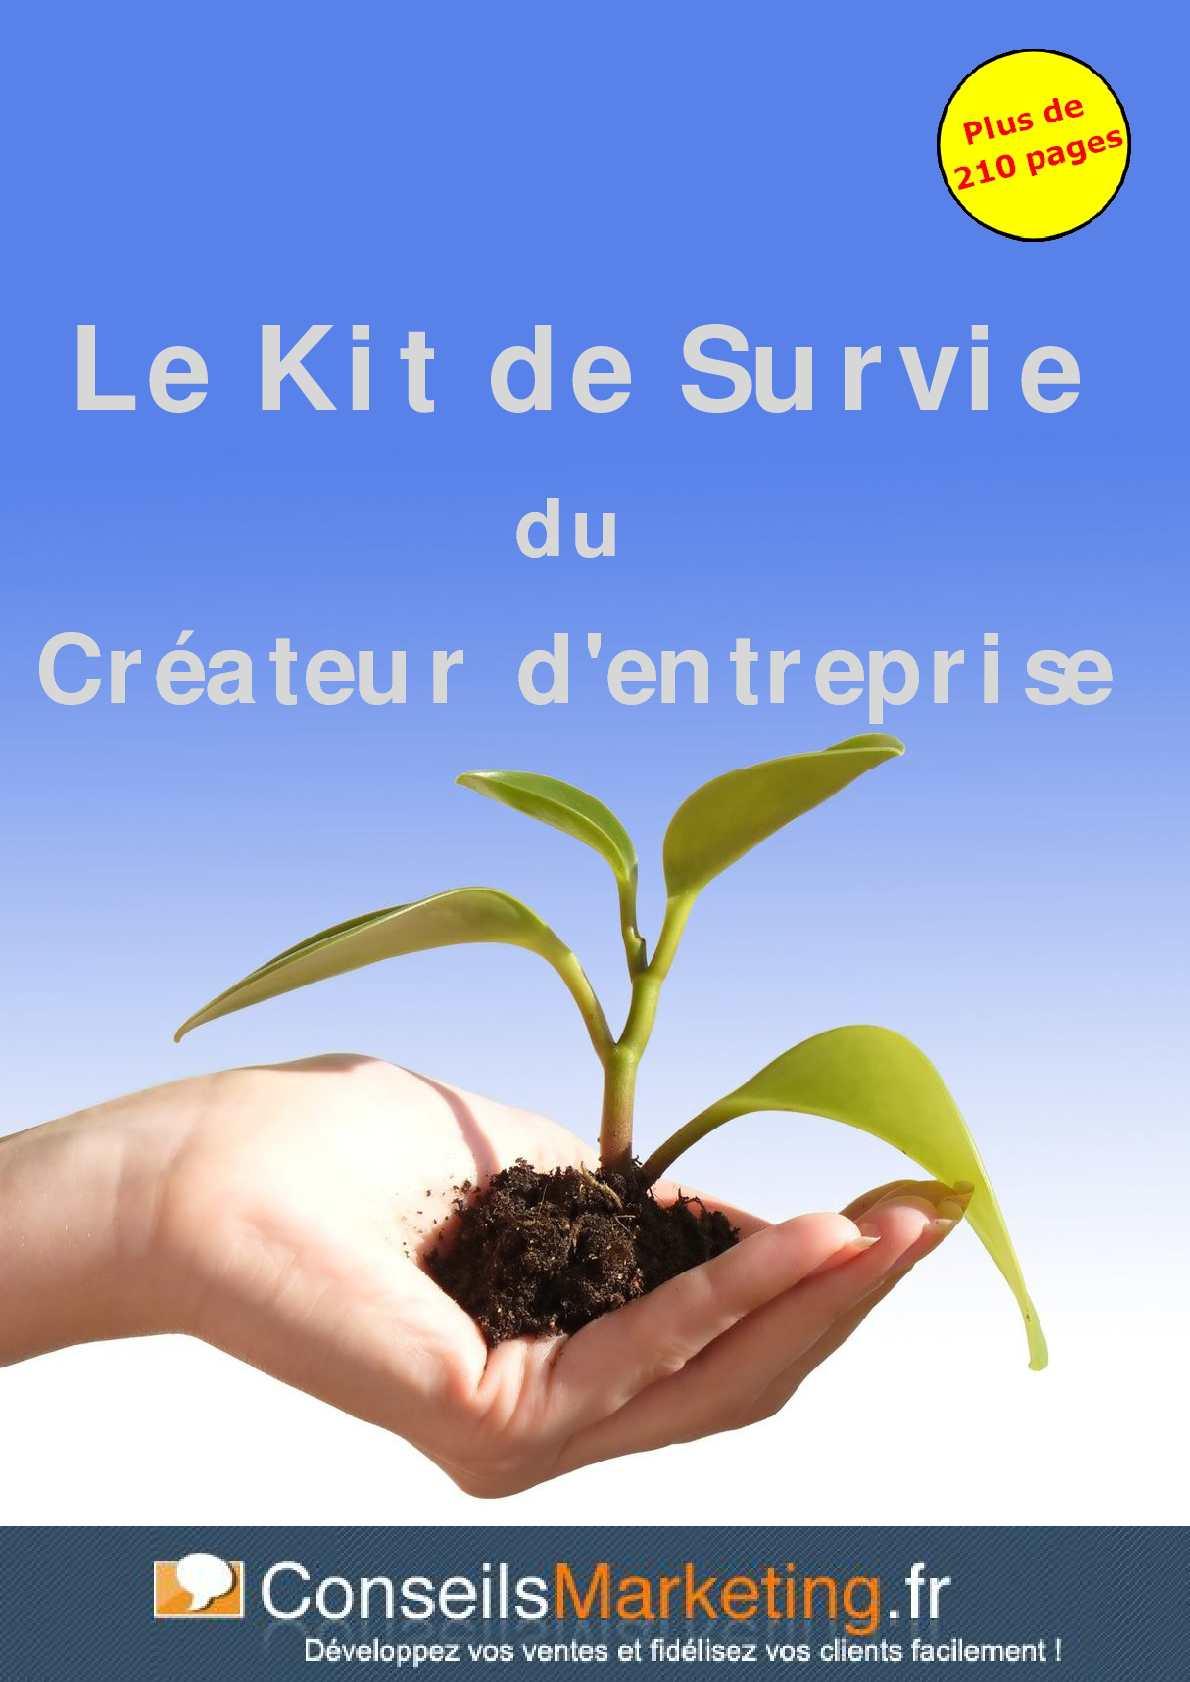 Survie Du Créateur Kit De D'entreprise Calaméo Le fYbvgy76